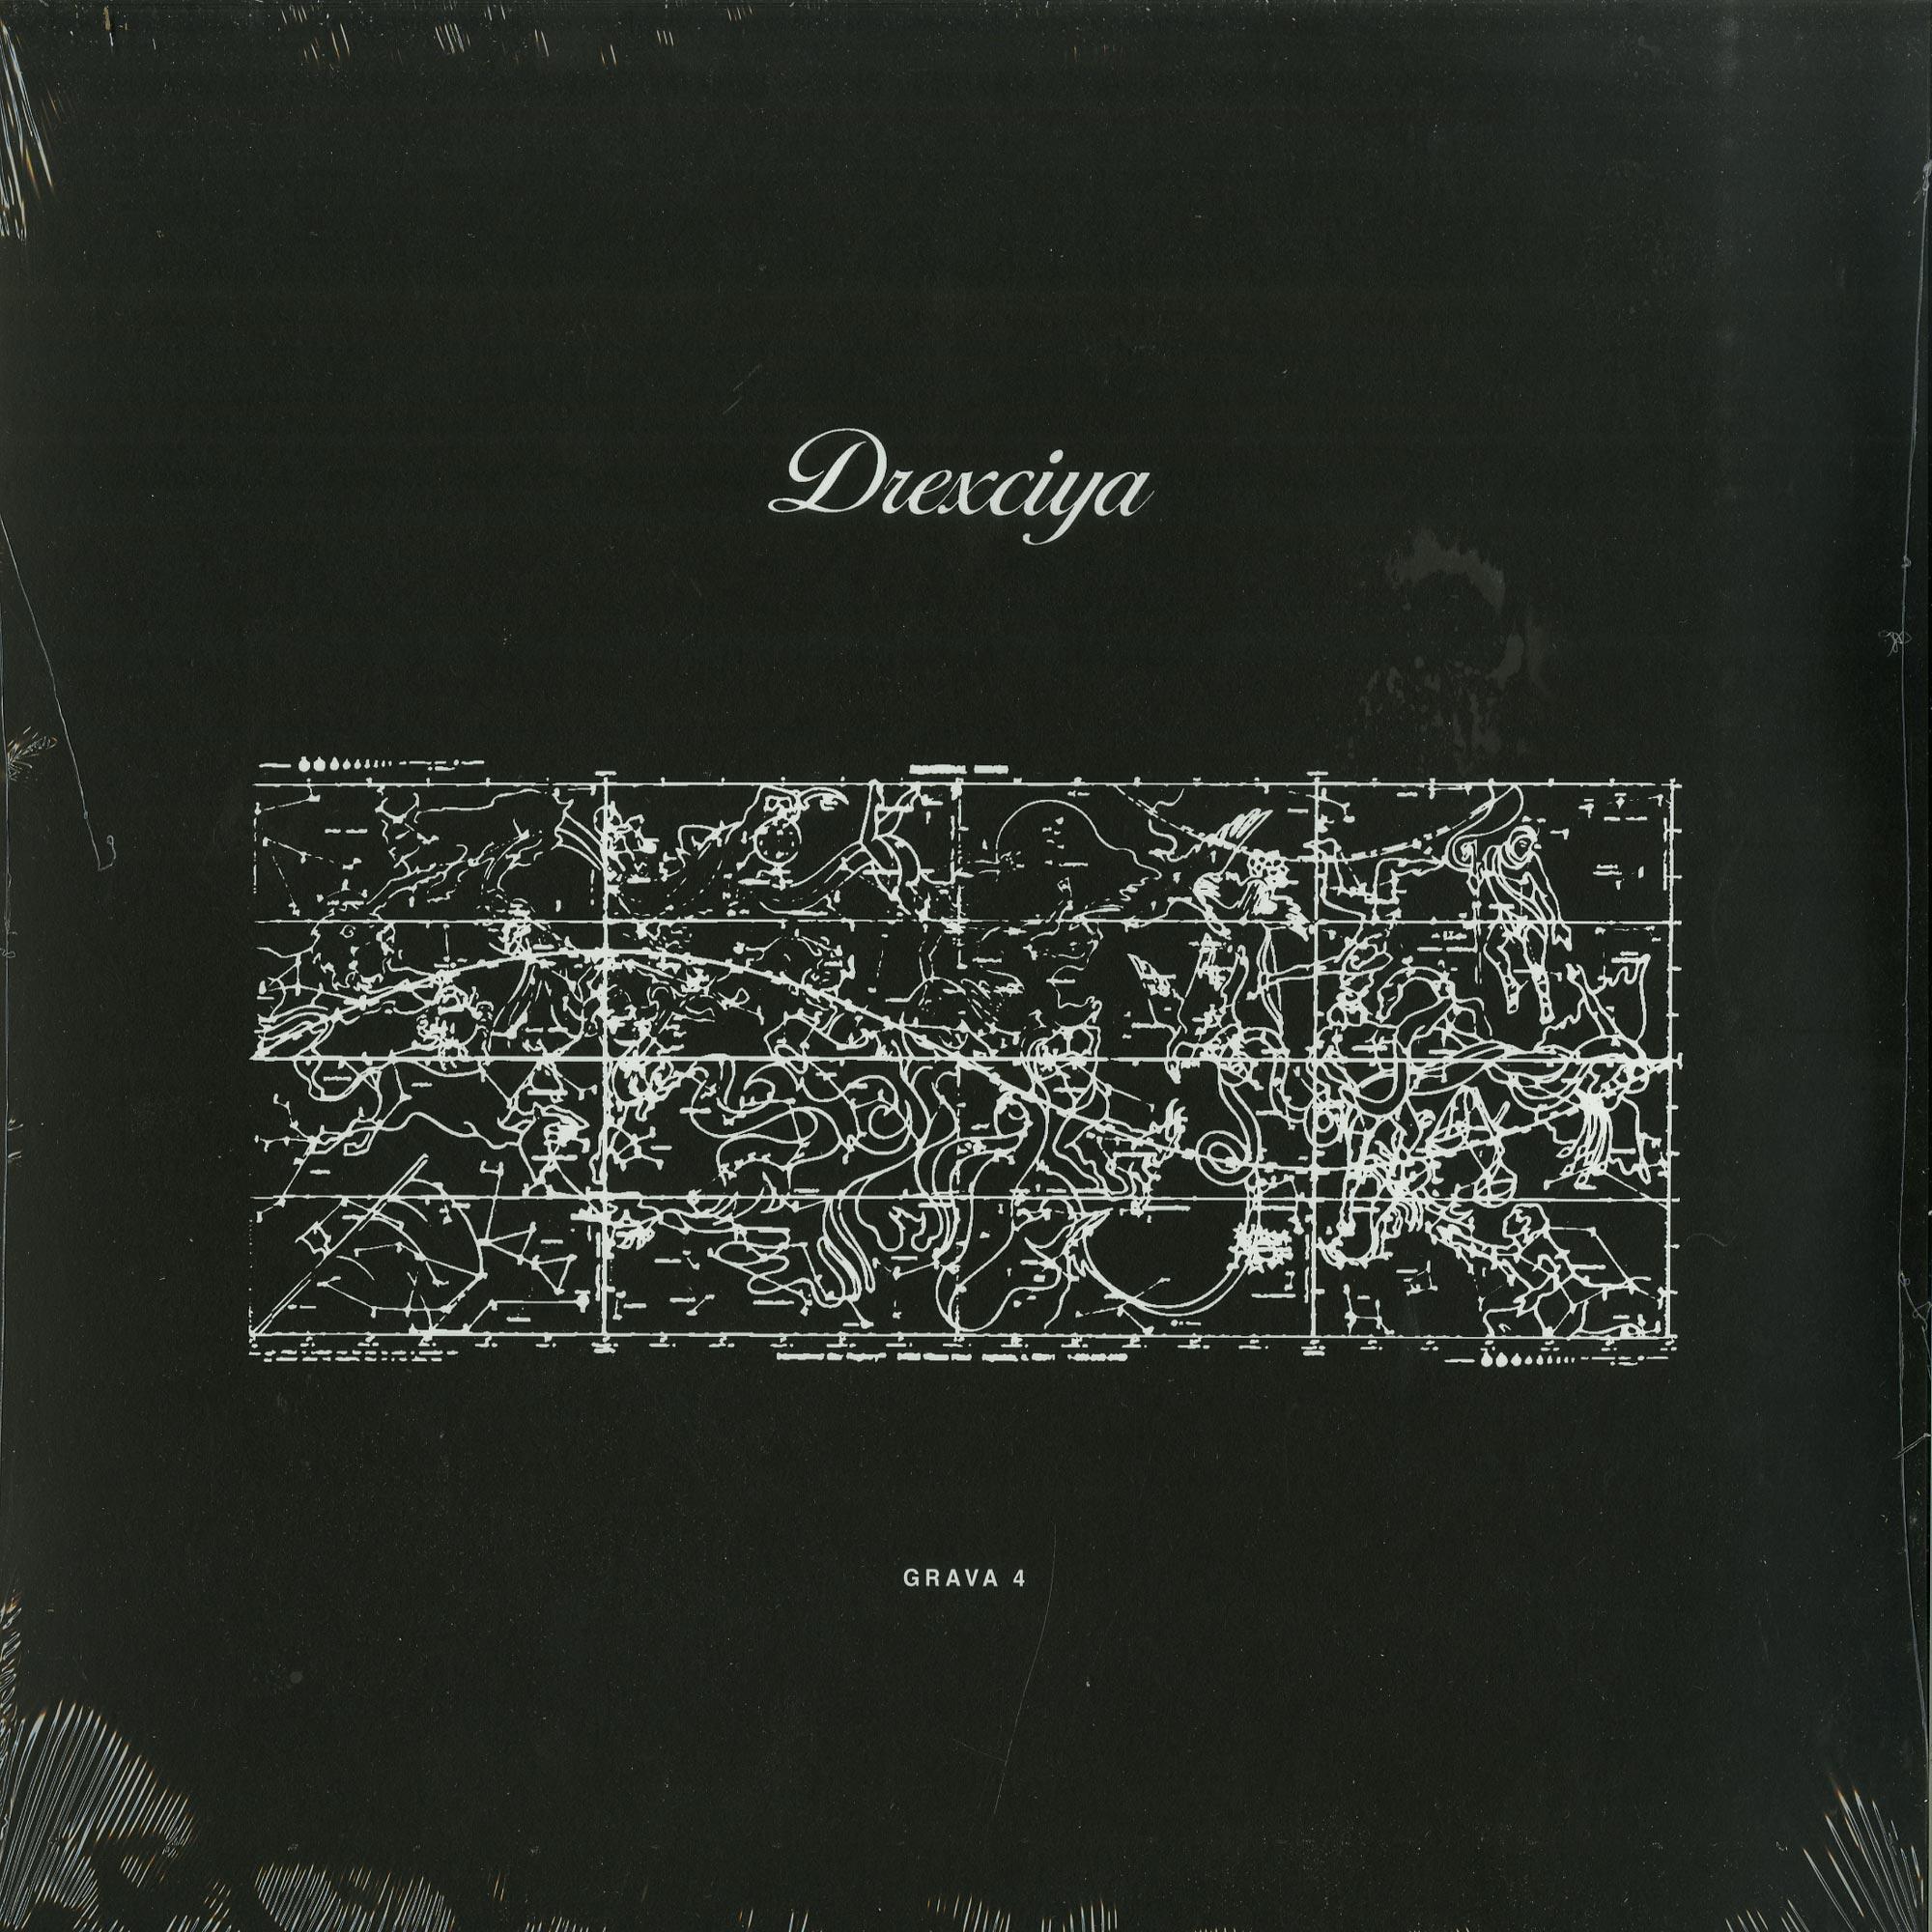 Drexciya - GRAVA 4